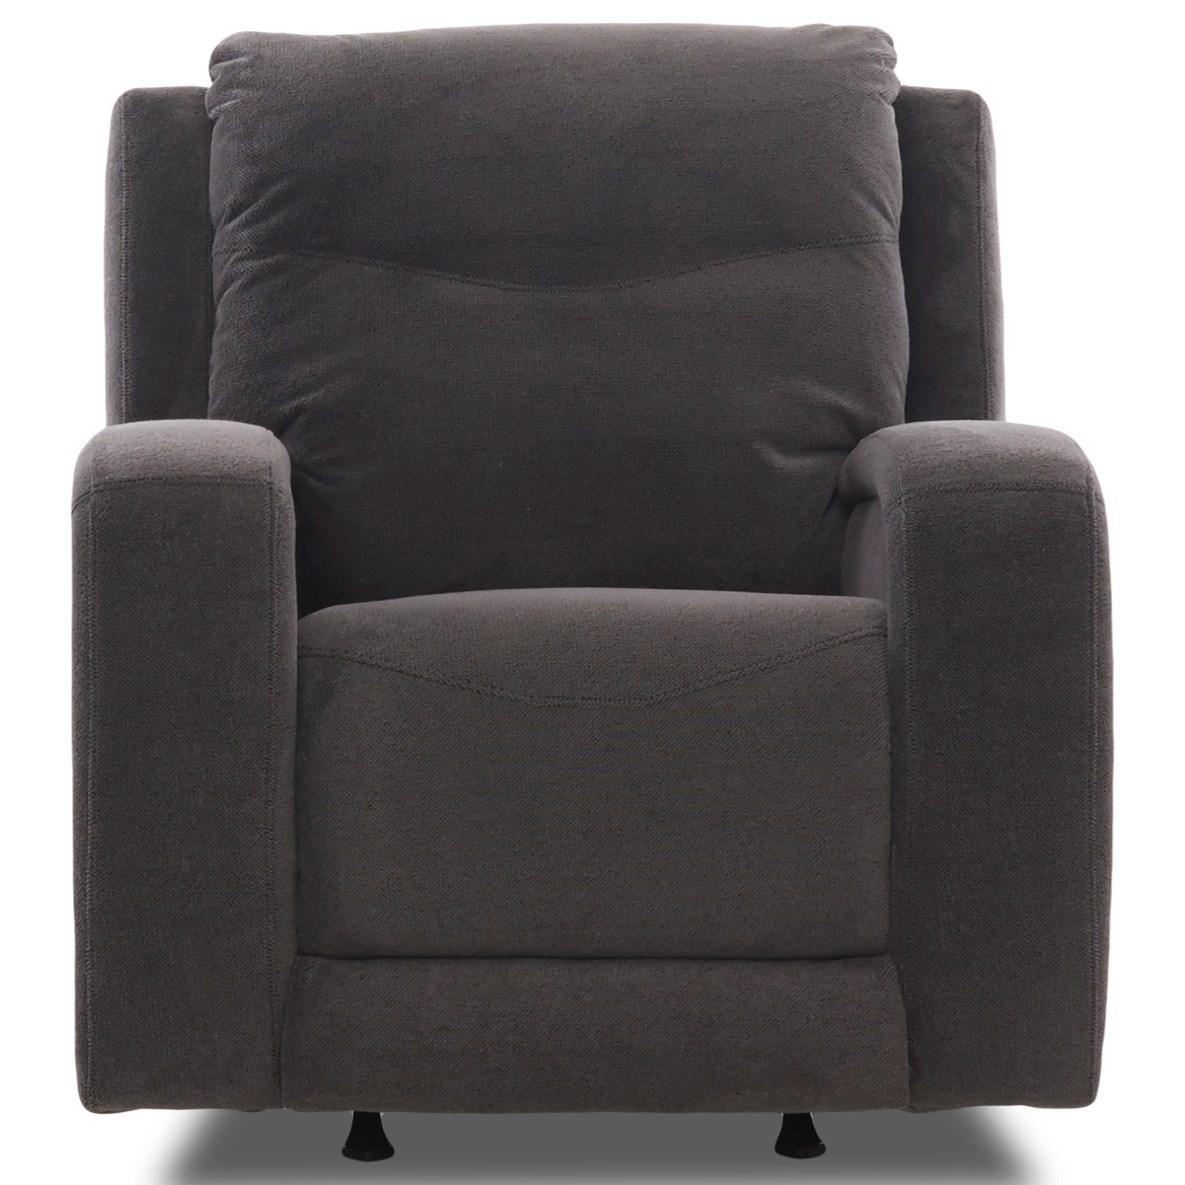 Terra Power Recliner w/ Power Headrest & Lumbar by Klaussner at Lapeer Furniture & Mattress Center